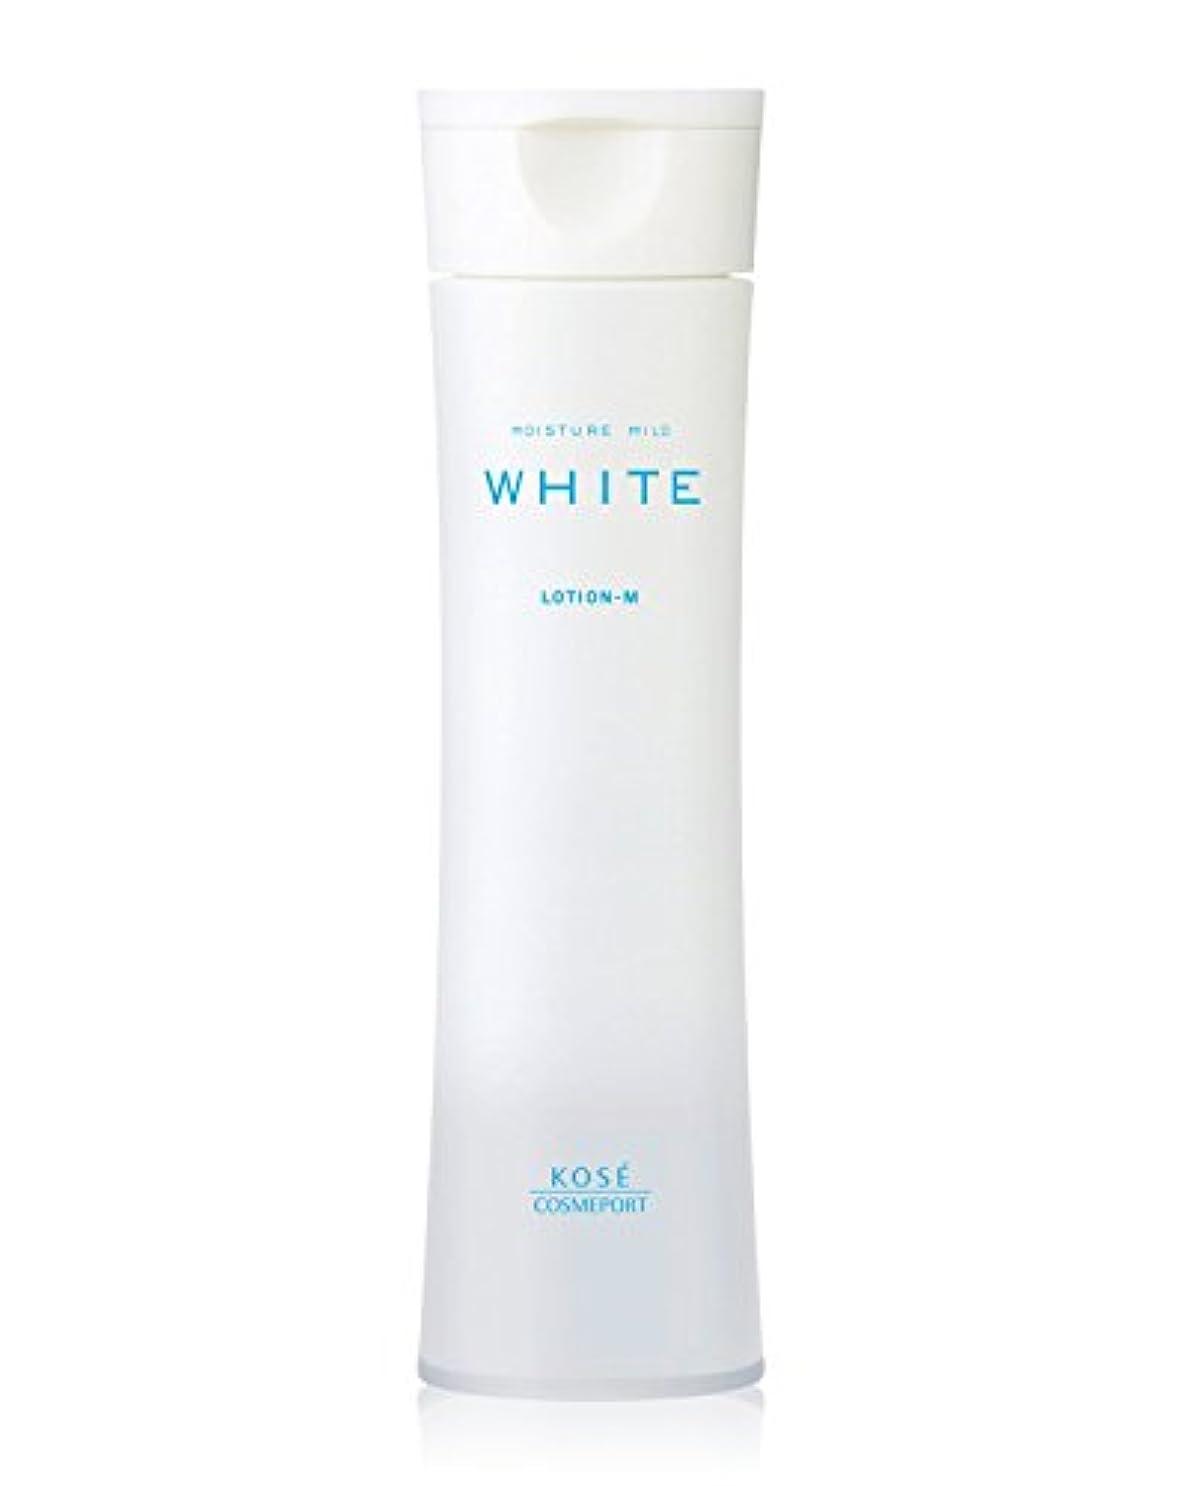 納得させるジョブゴネリルモイスチュアマイルド ホワイト ローションM (しっとり 化粧水) 180mL